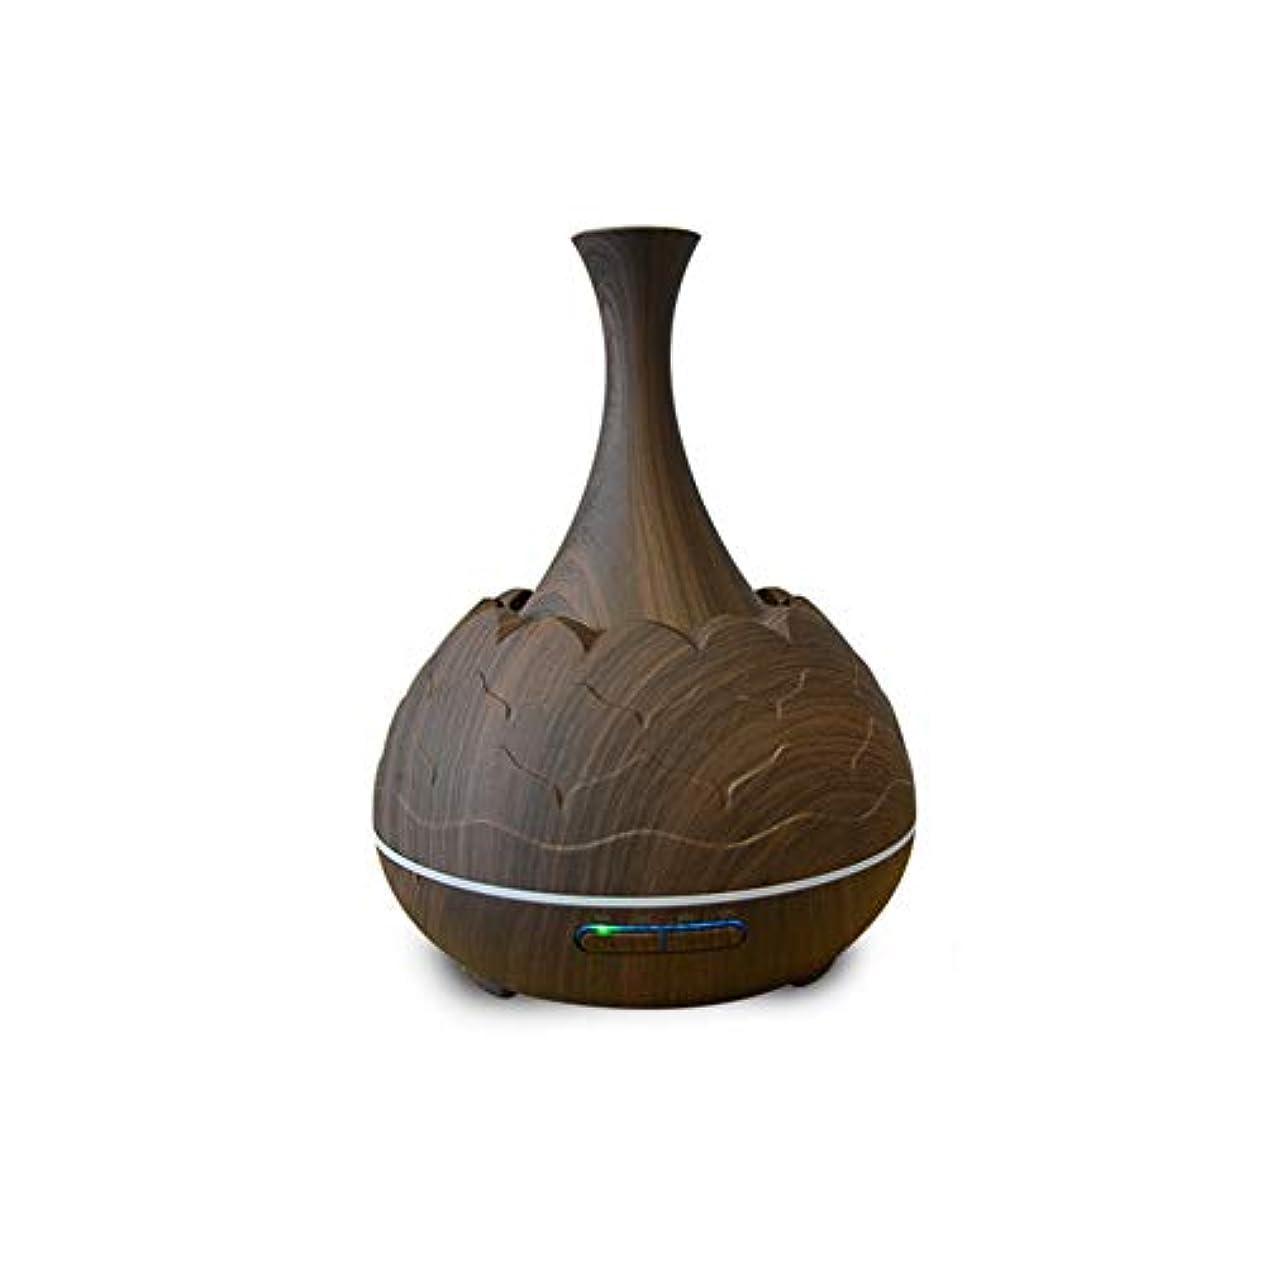 仲間、同僚リングバック偽装する木目 霧 香り 精油 ディフューザー,7 色 空気を浄化 加湿器 時間 手動 Wifiアプリコントロール 加湿機 ホーム Yoga- 400ml